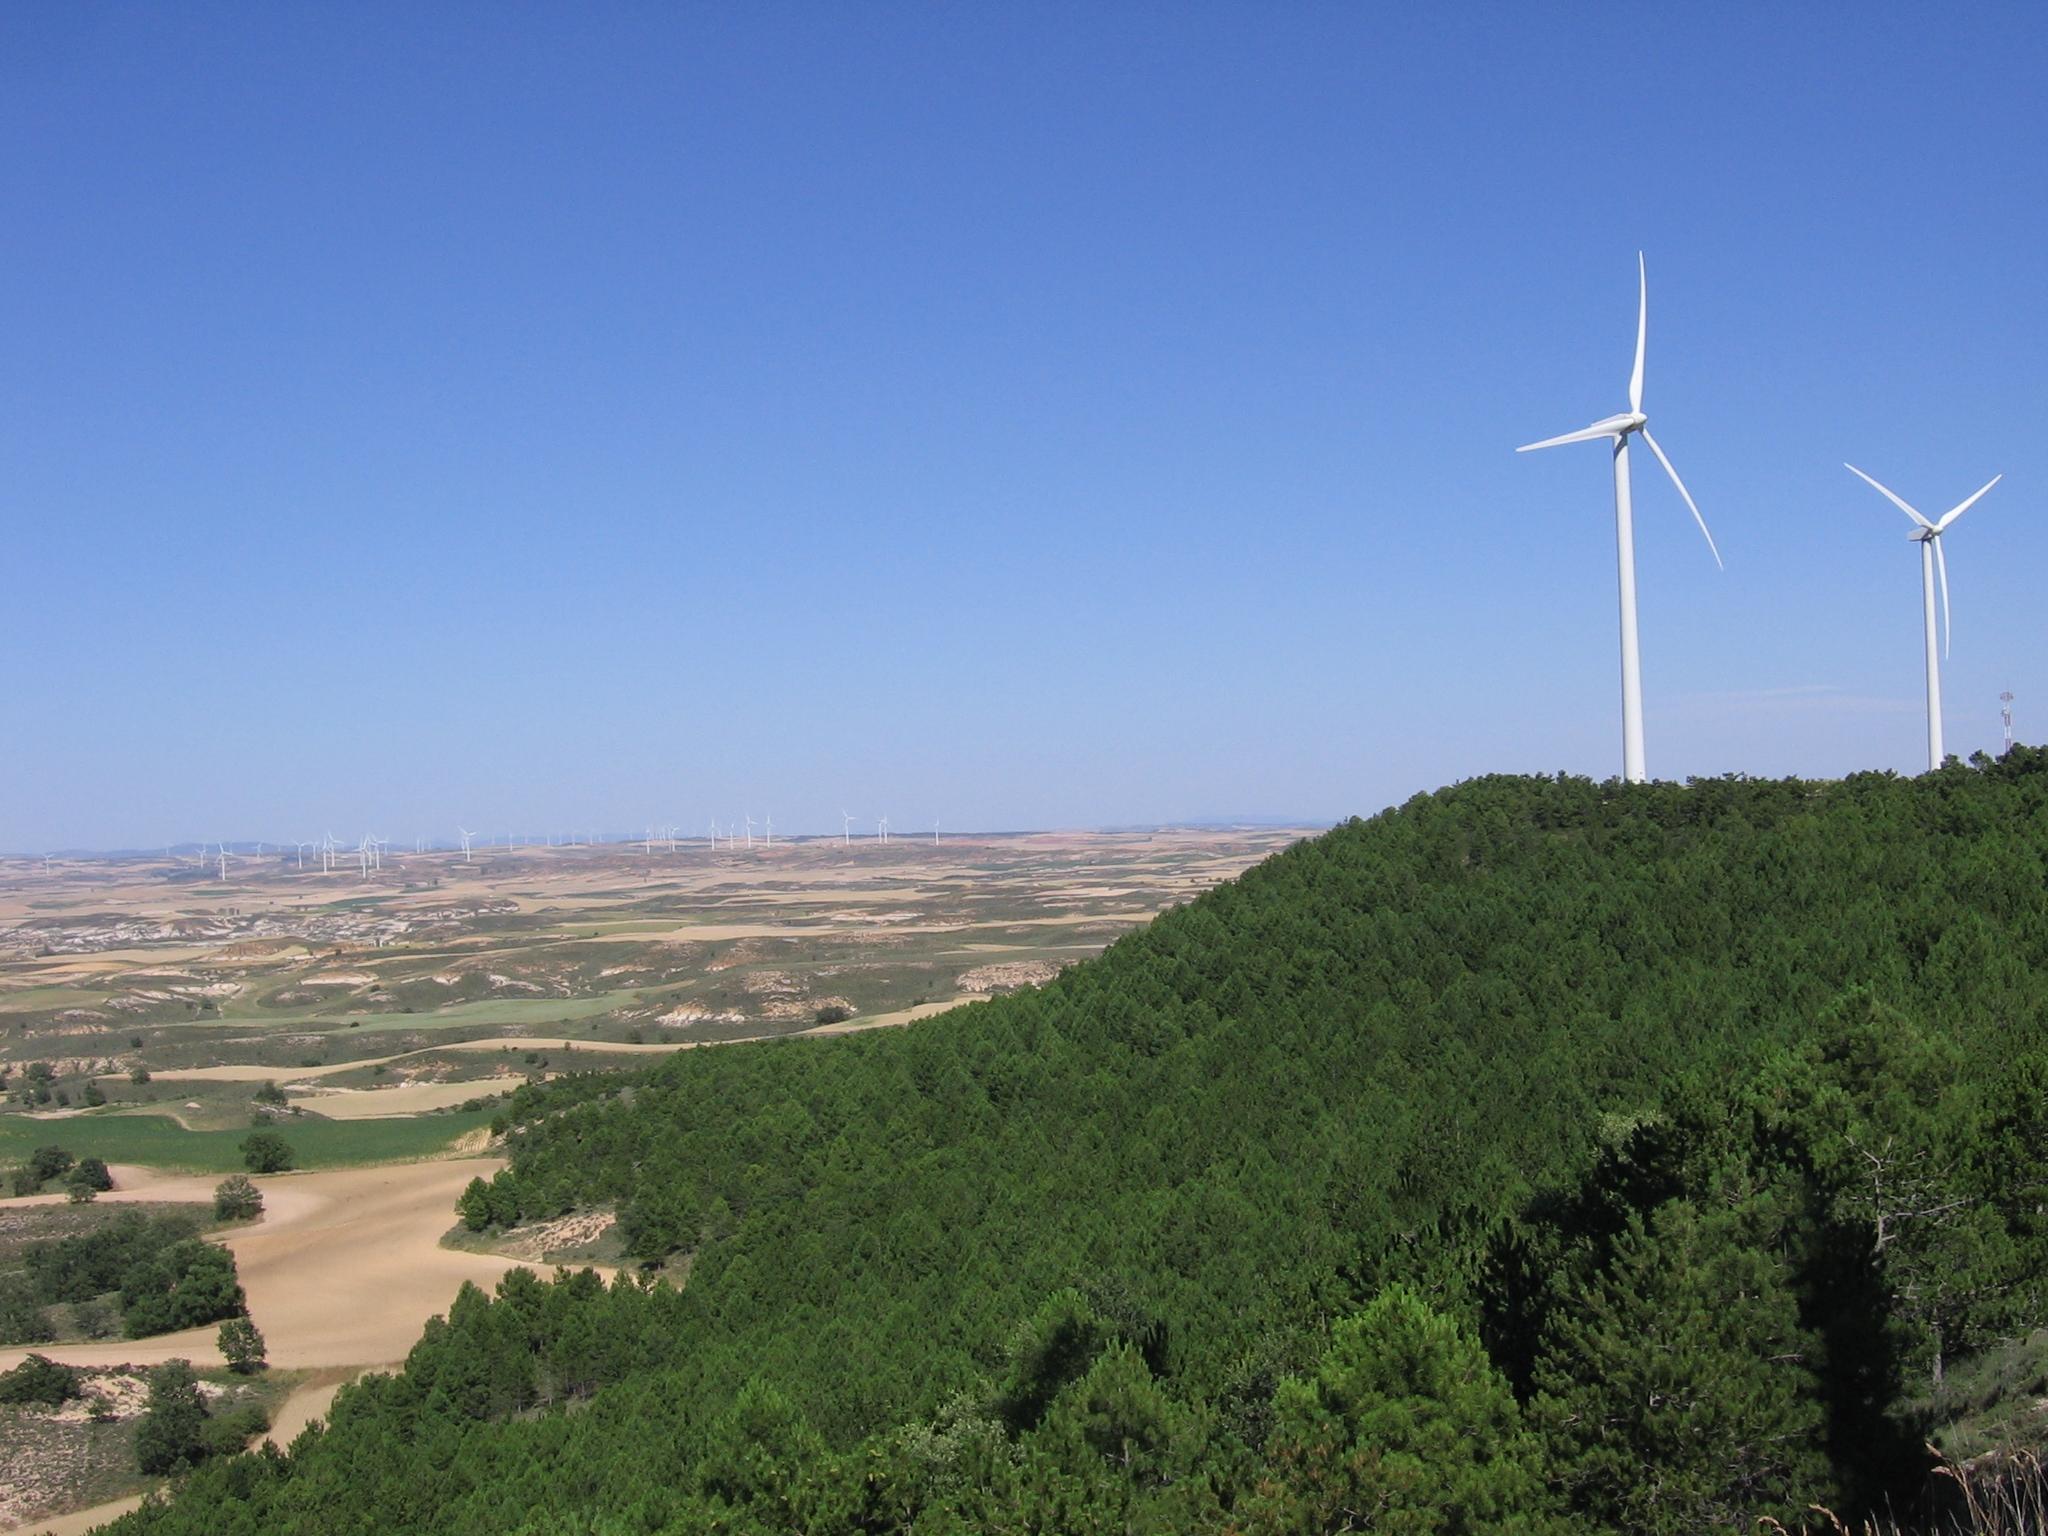 Introducción a la Evaluación de Impacto Ambiental en España - PERSEA Soluciones Ambientales S.L.